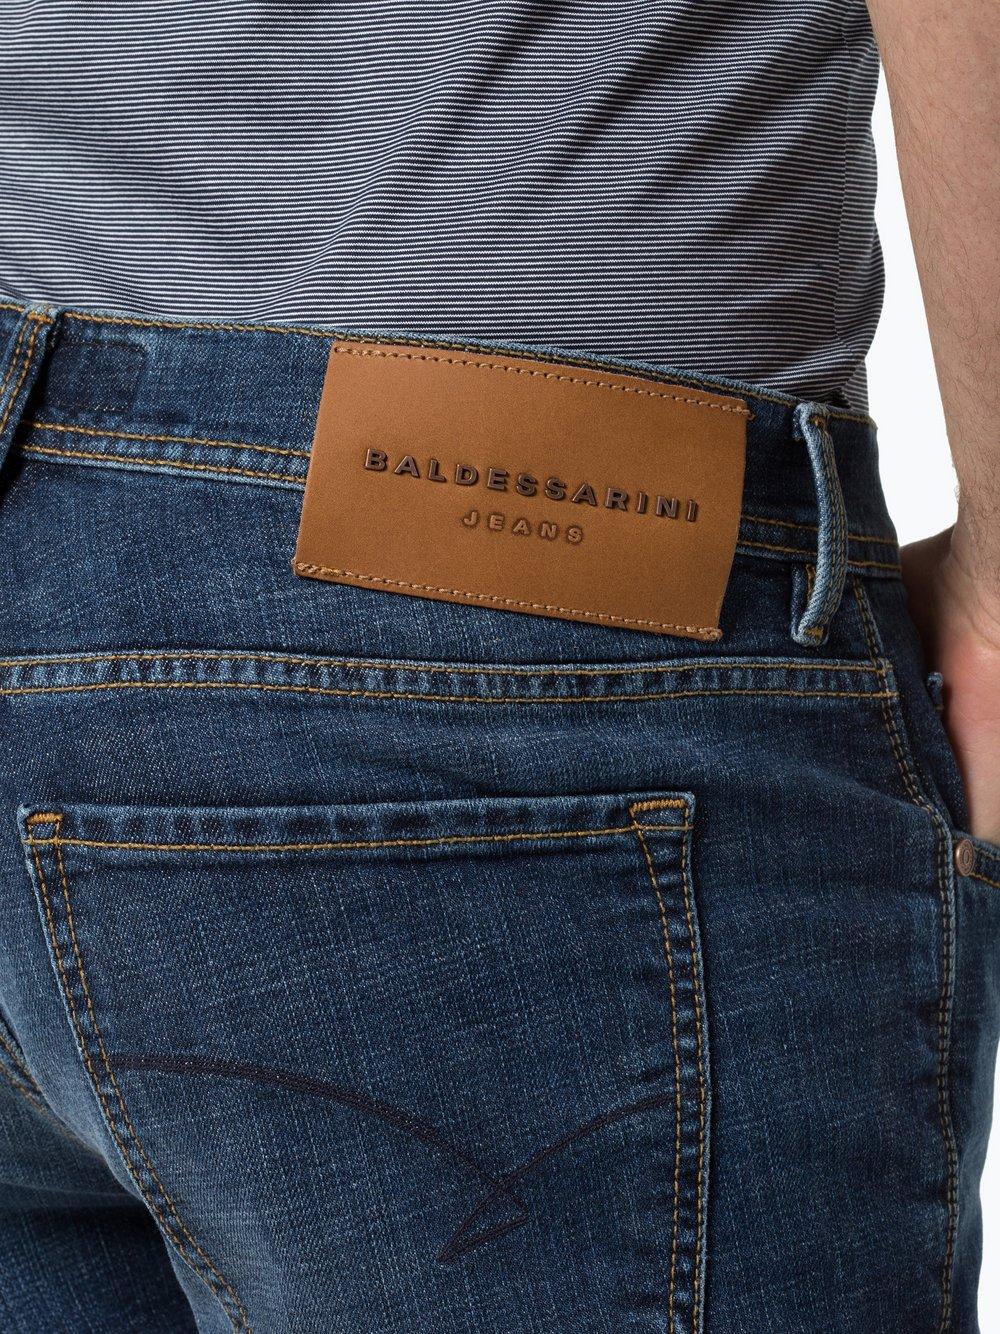 a663aa3b6d581b Baldessarini Herren Jeans - Jack online kaufen